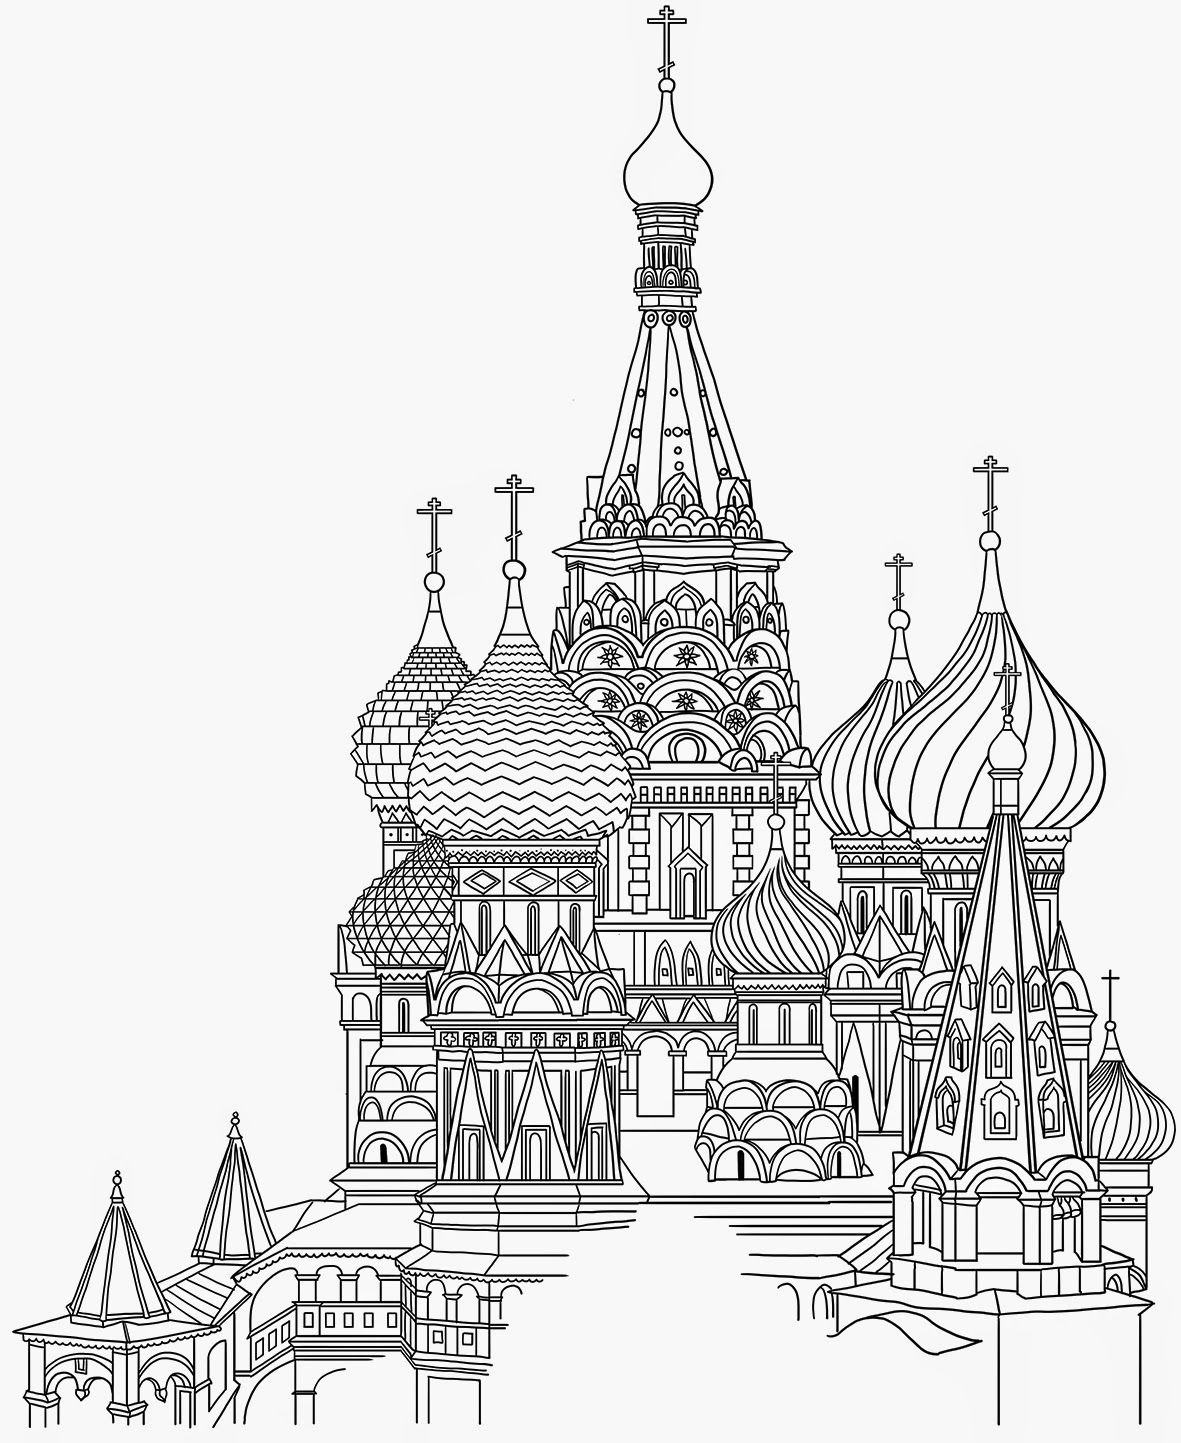 Épinglé sur architectural wonders